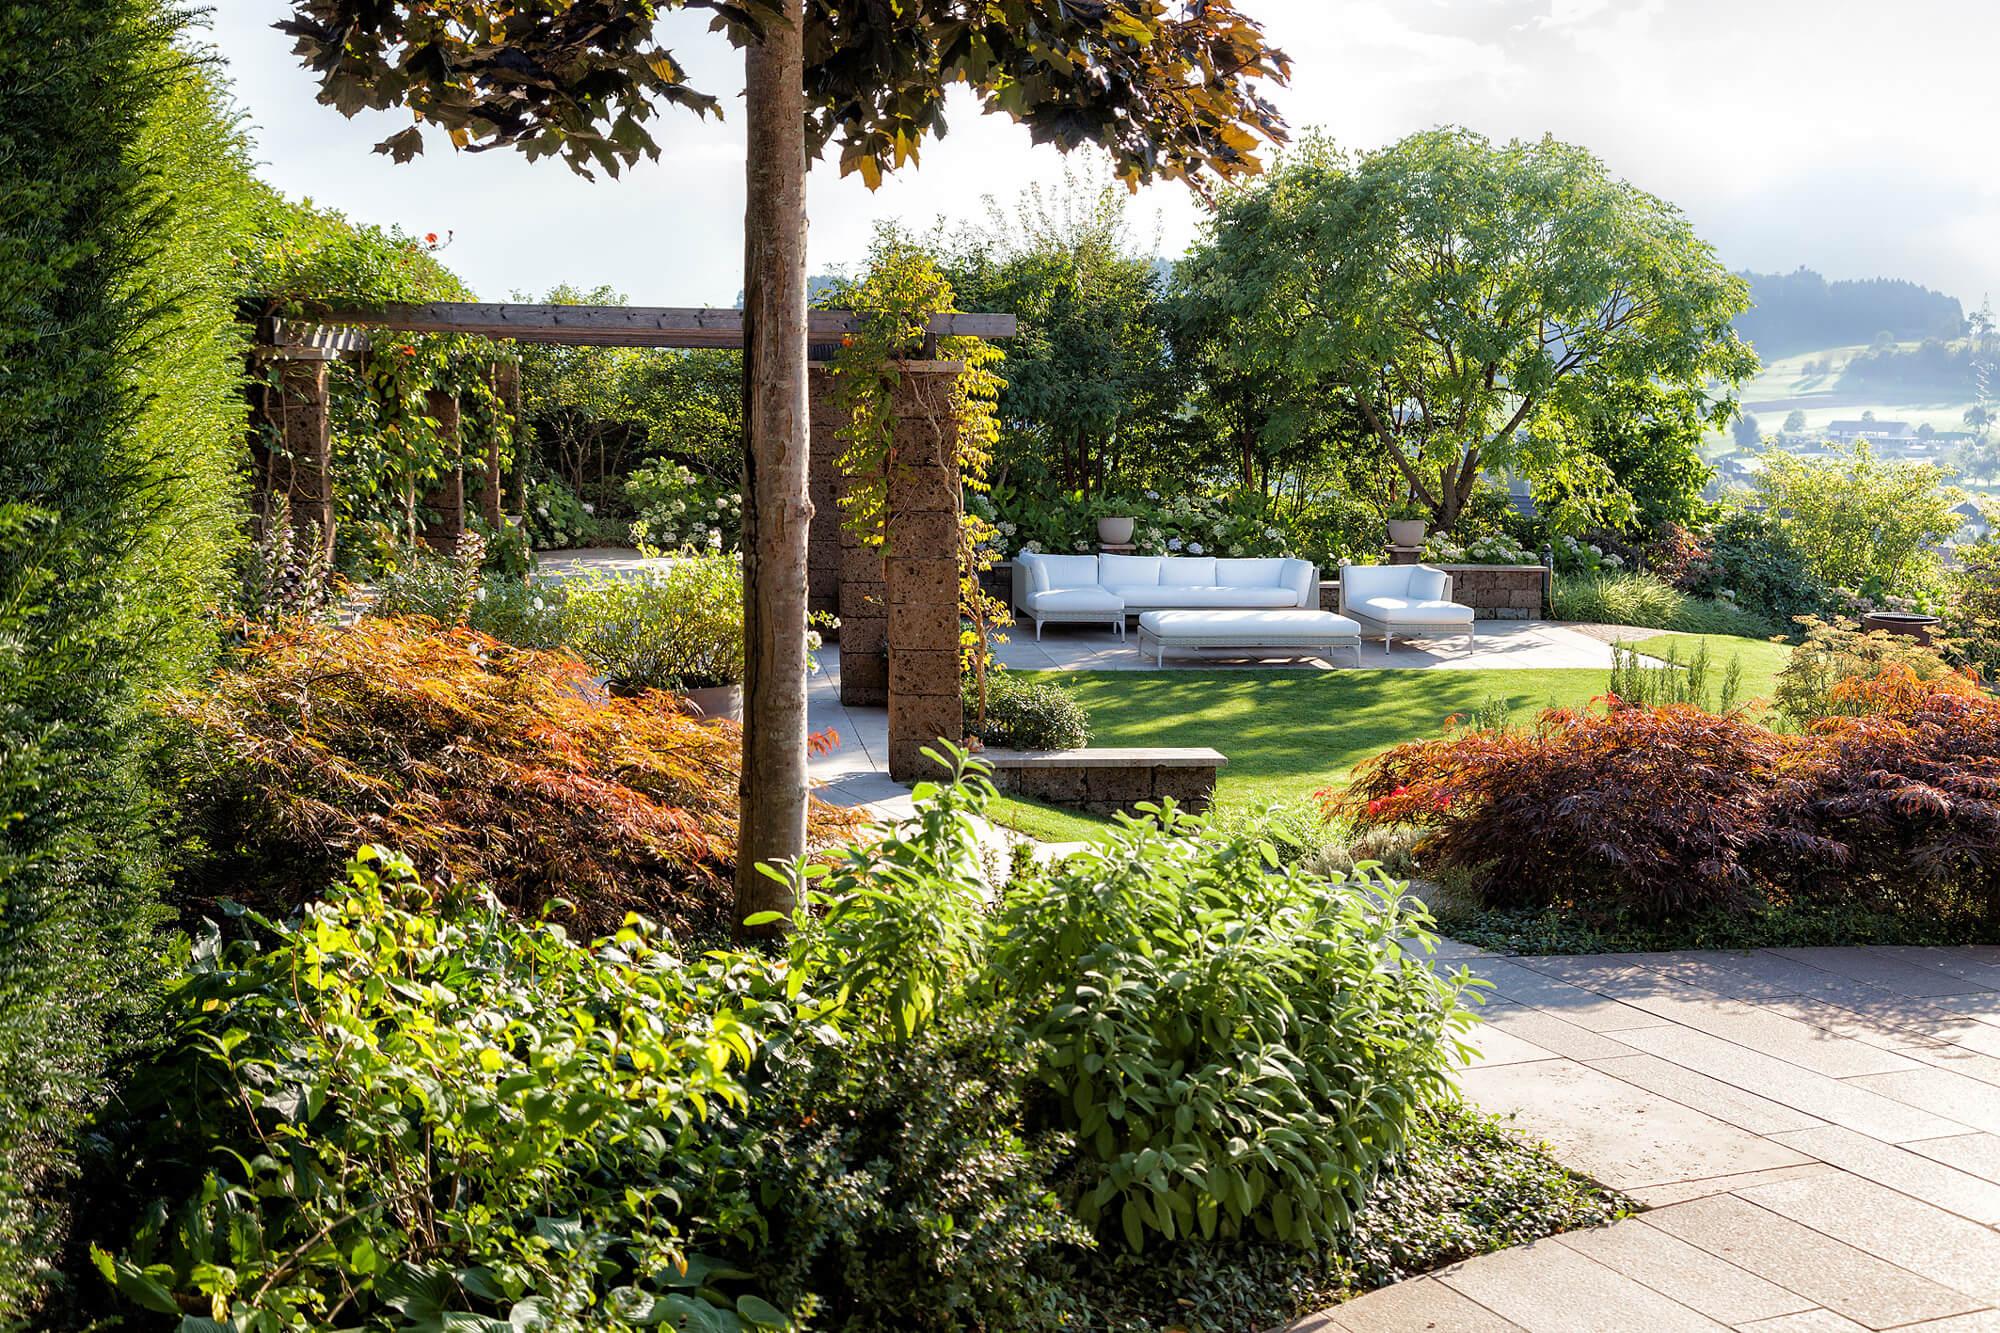 G rten des jahres 2018 parc 39 s gartengestaltung mit zwei for Gartengestaltung mit buchs und hortensien